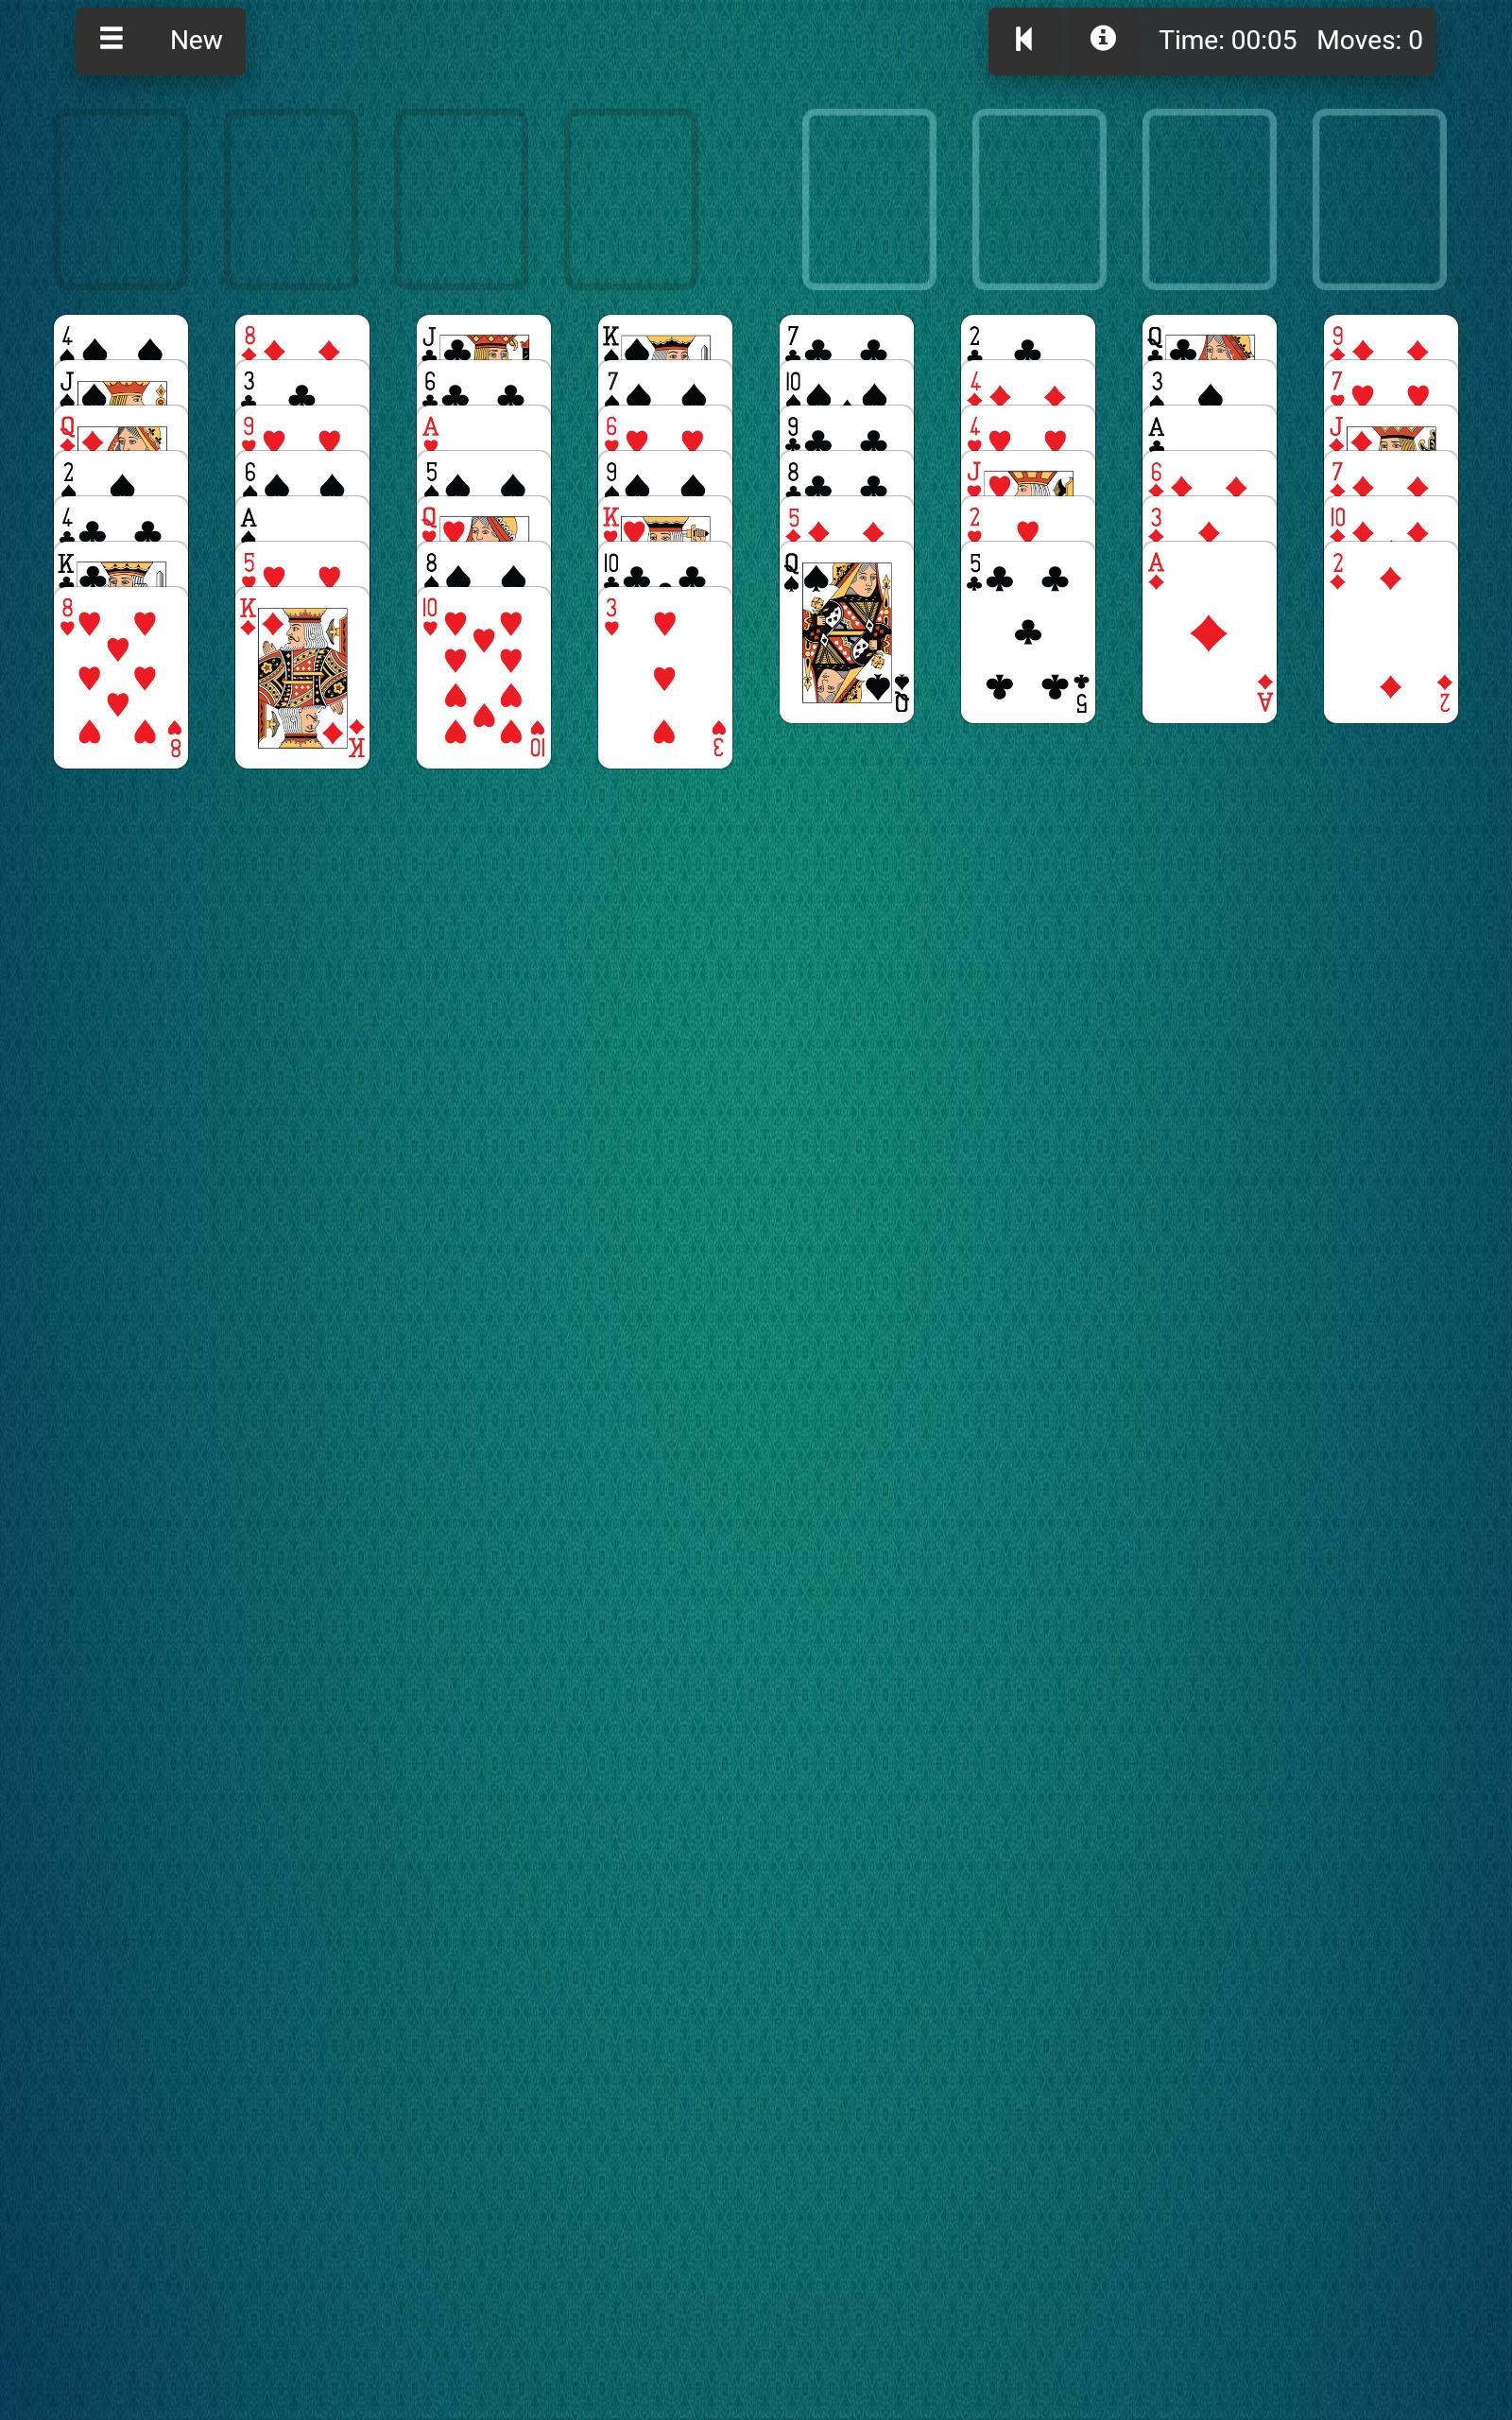 карточные игры пасьянс скорпион косынка